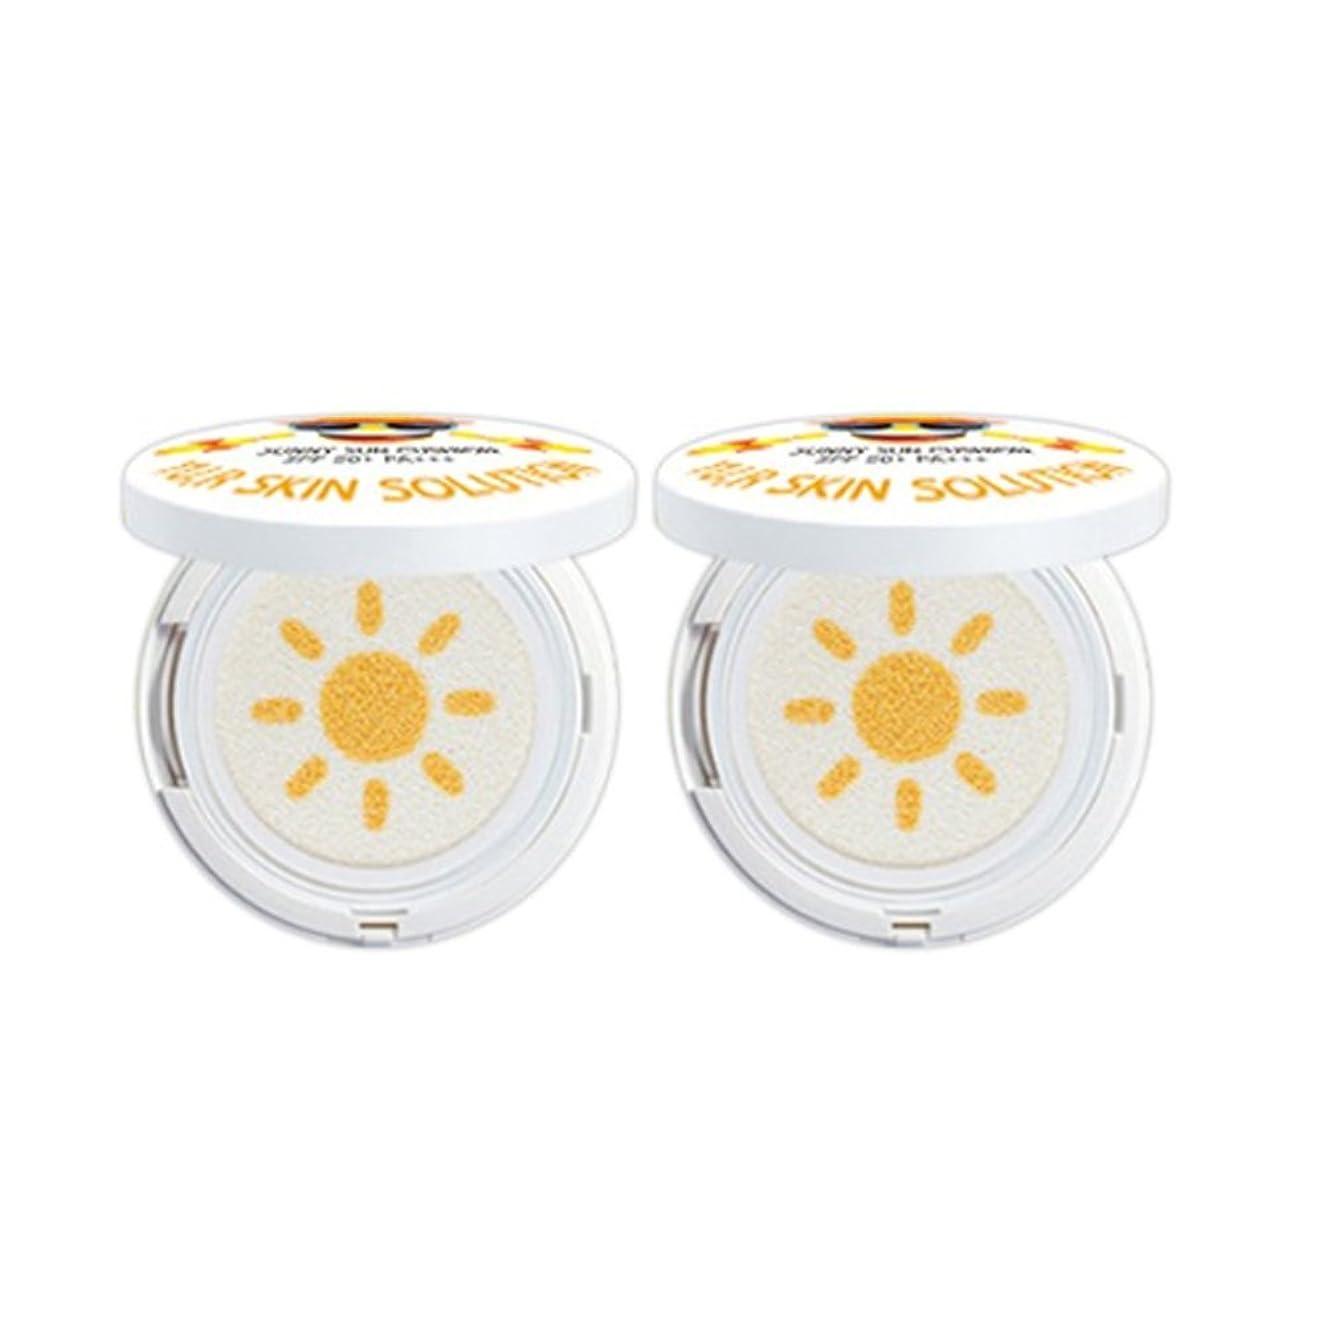 幻想的多様な窒息させるYU.R Skin Solution Sunny Sun Cushion サニー·サン·クシオン SPF50+,PA+++, 0.88oz(2pack) [並行輸入品]